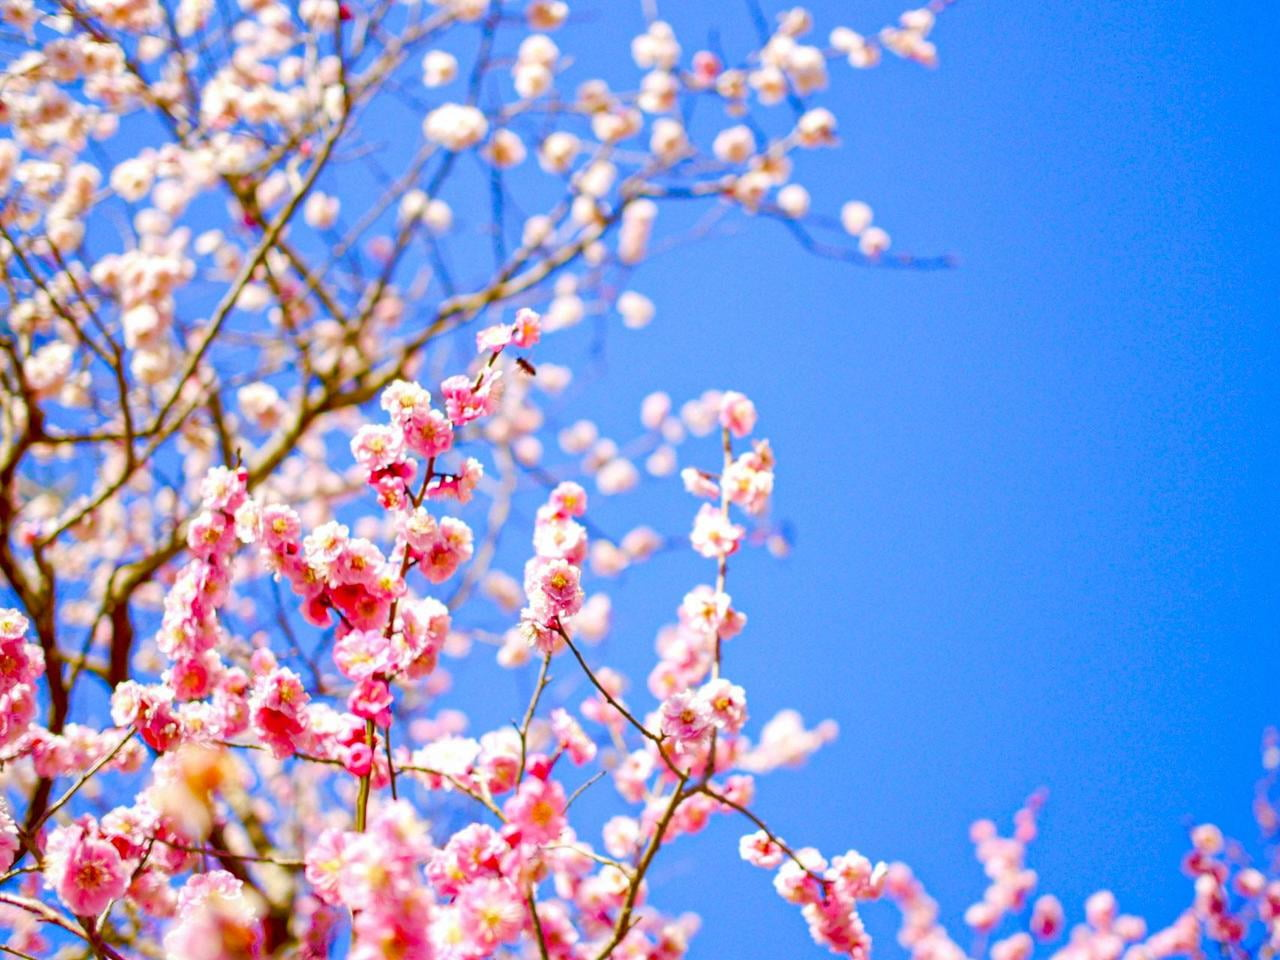 【兵庫・たつの】梅の名所まとめ2021!海を臨む絶景 綾部山梅林/世界の梅公園